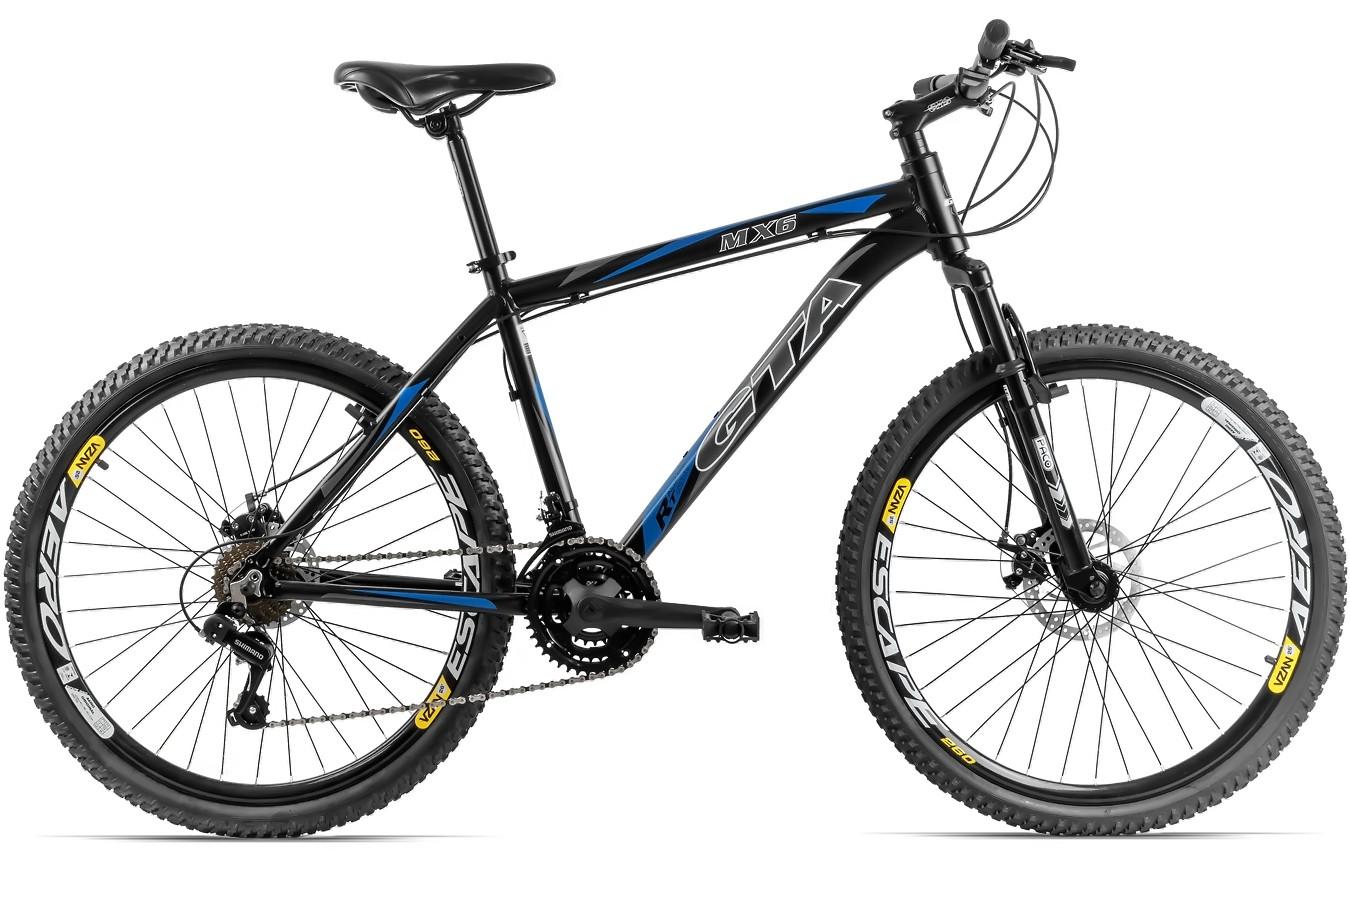 Bicicleta 26 Aluminio 21v Mx6